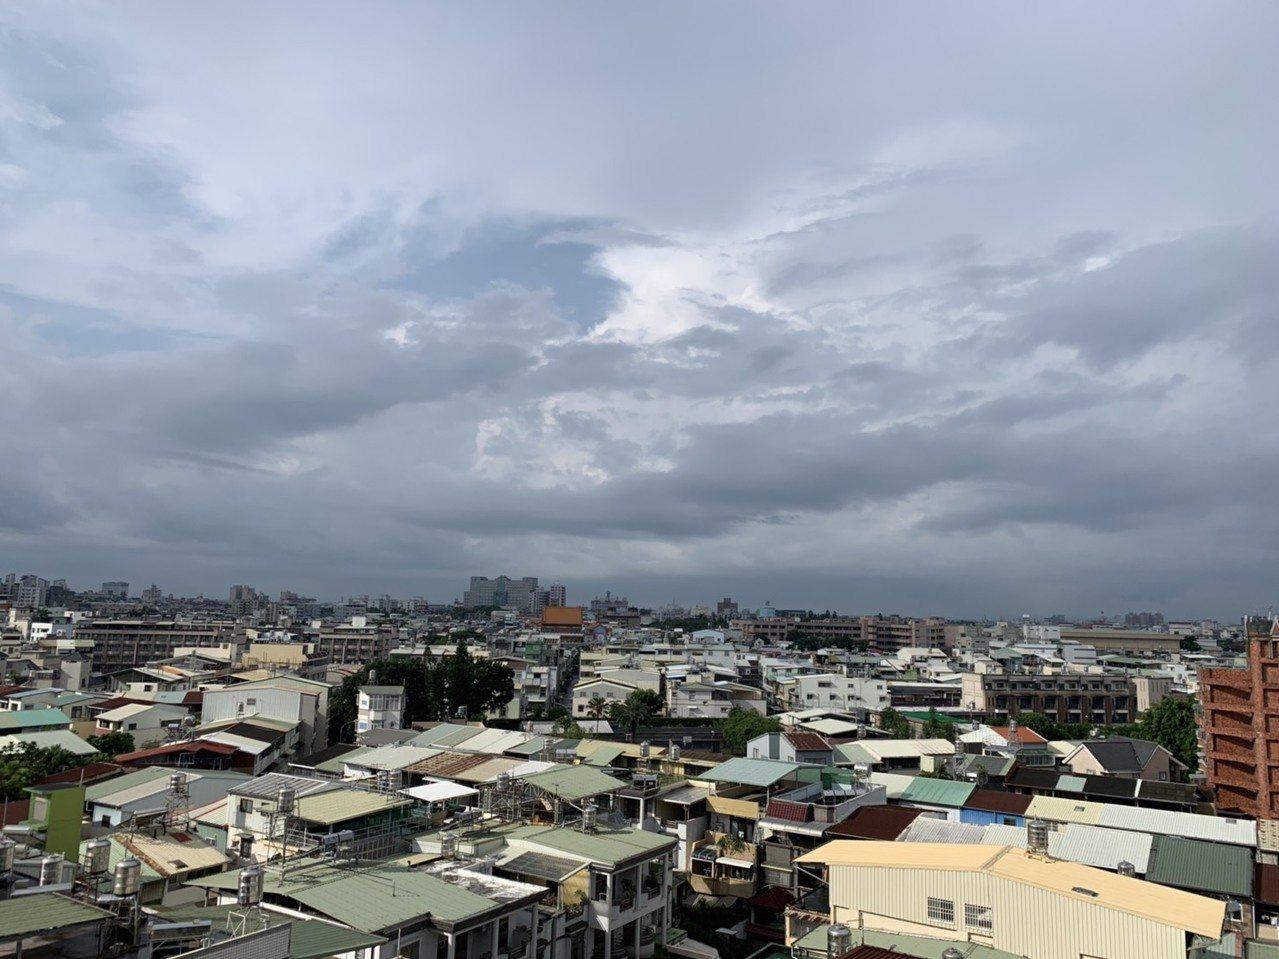 屏東地區今早雨勢方歇,屏東市略見陽光,不過天空仍是烏雲籠罩。記者翁禎霞/攝影